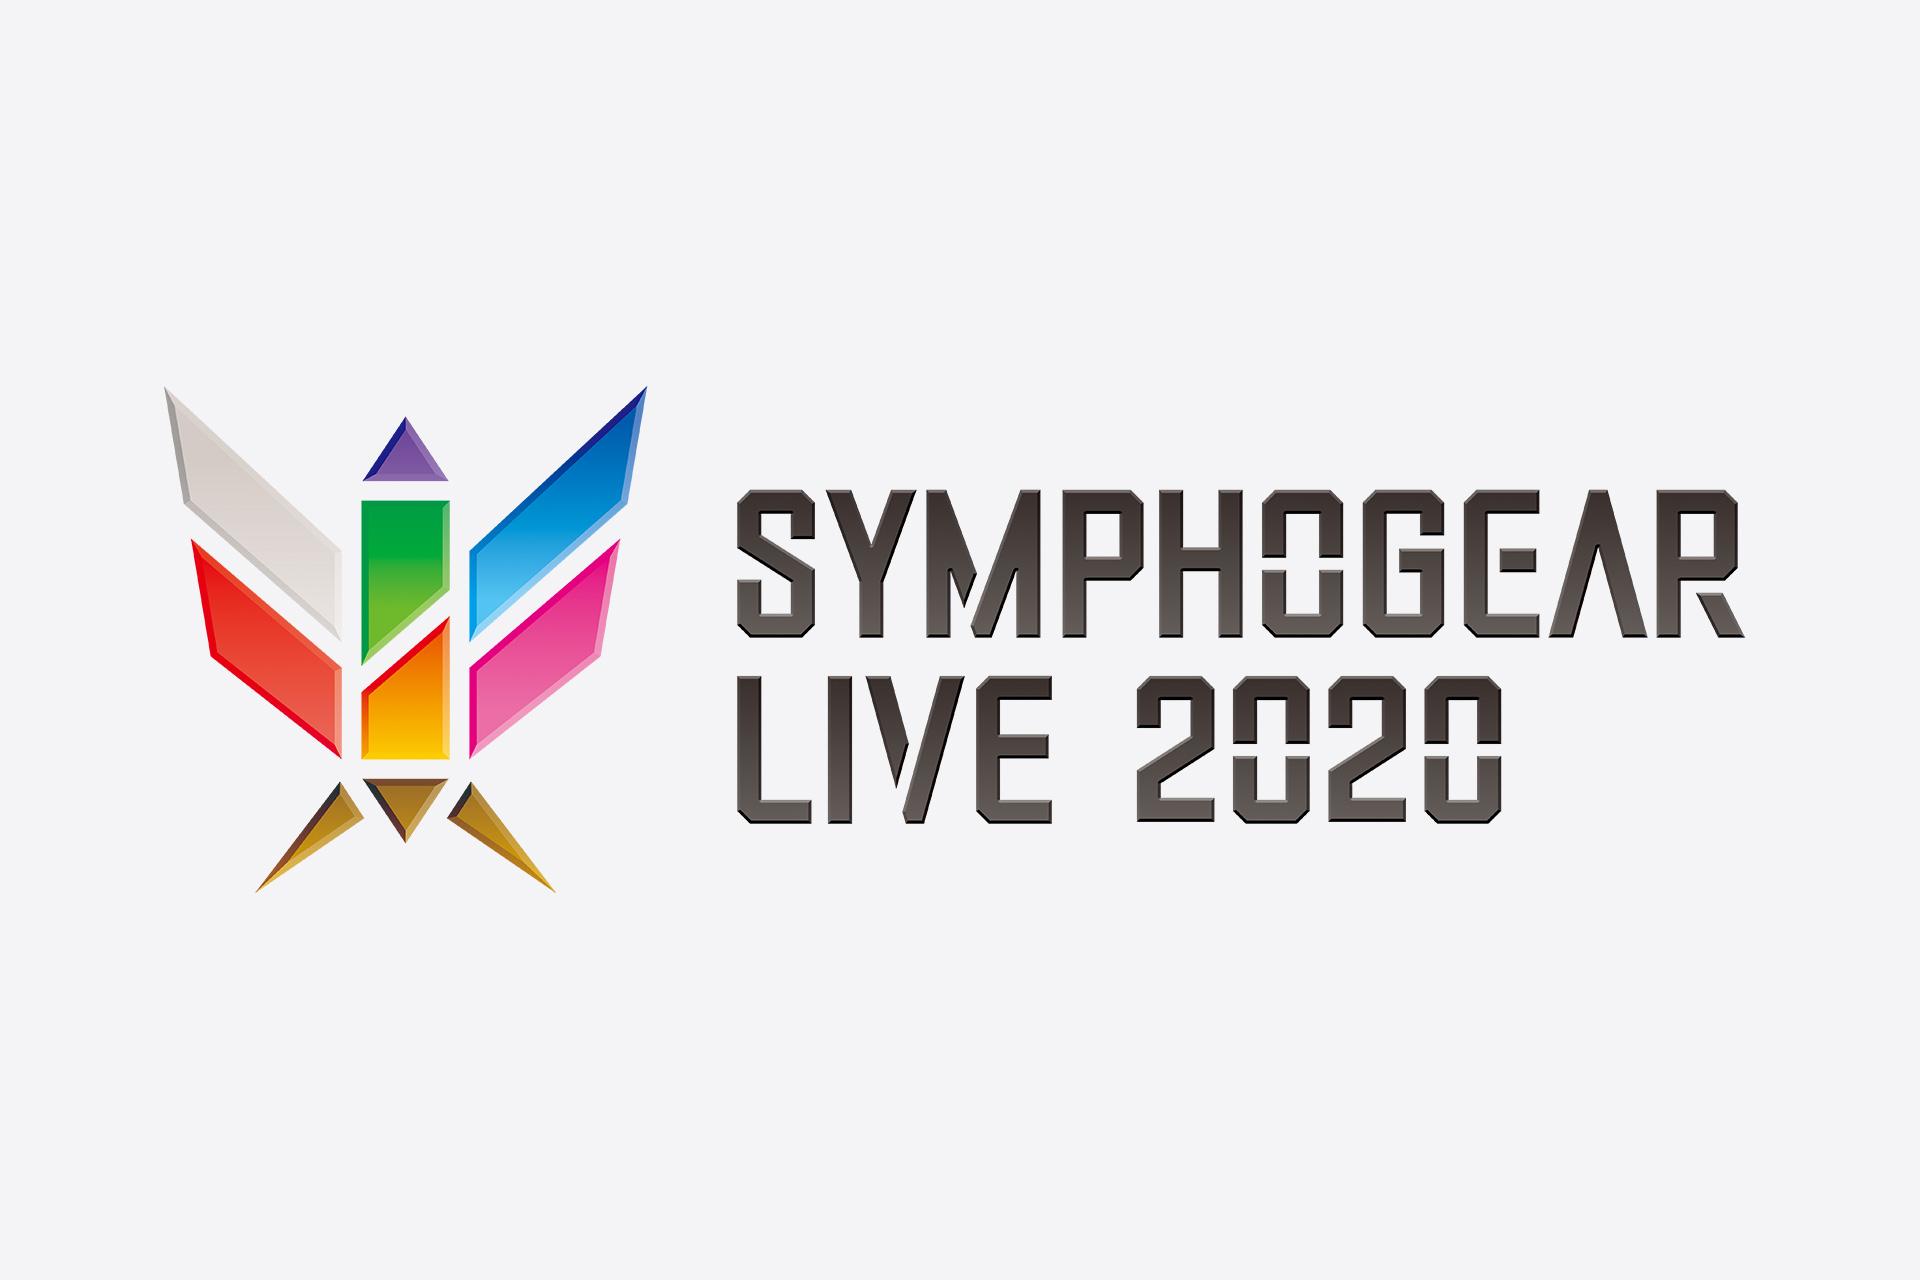 シンフォギアライブ2020 オリジナルグッズ